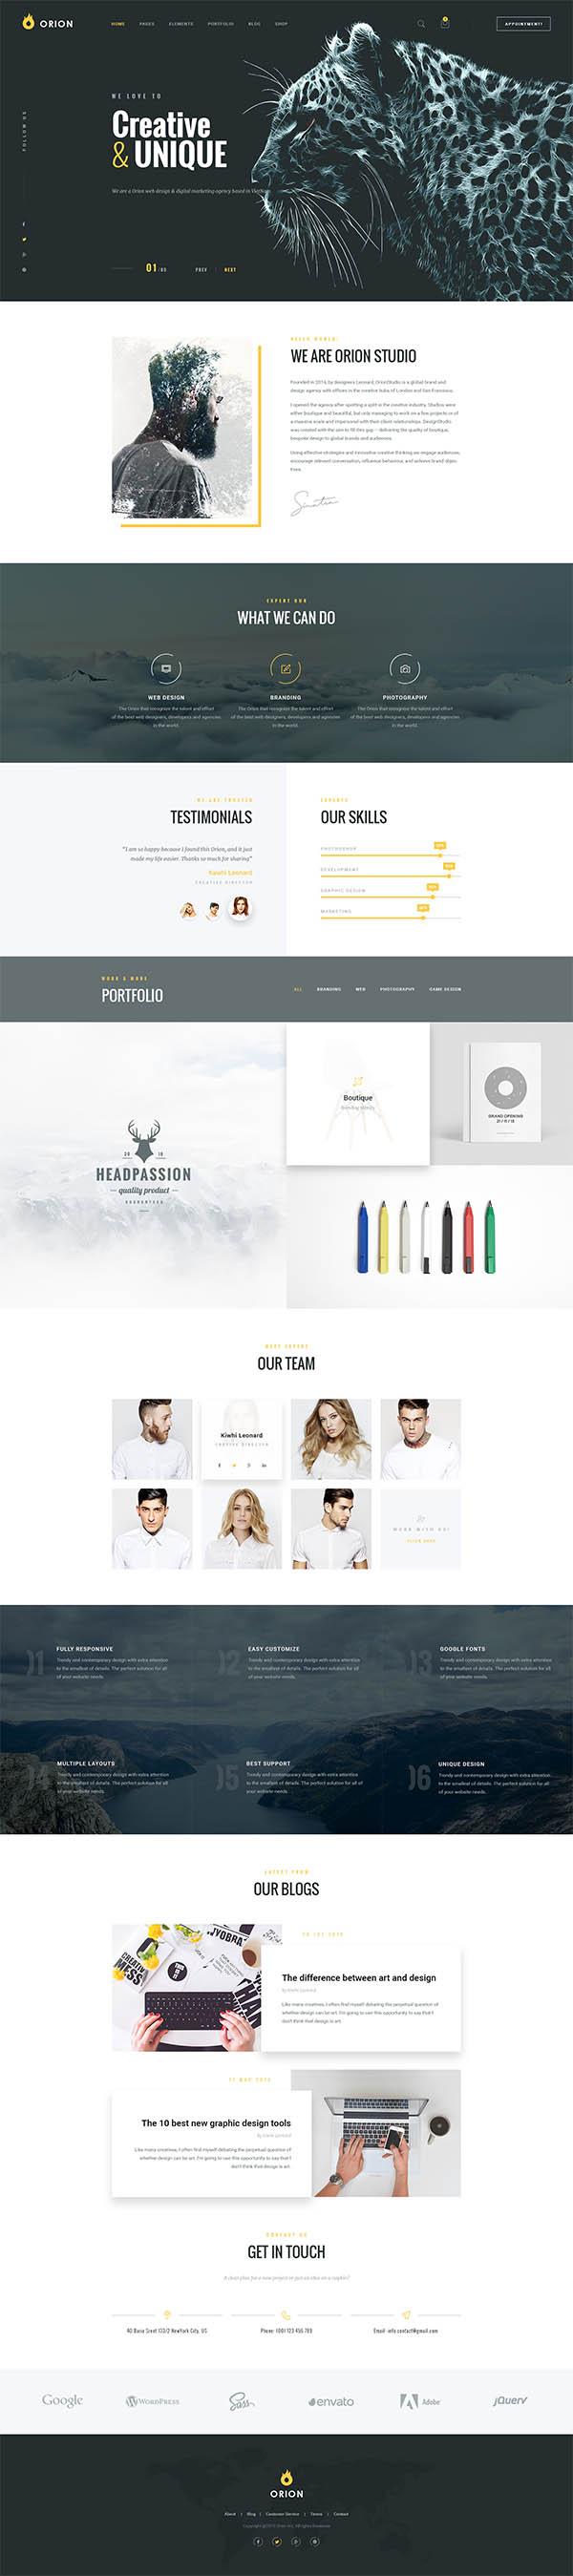 Orion | Creative Multi-Purpose PSD Template